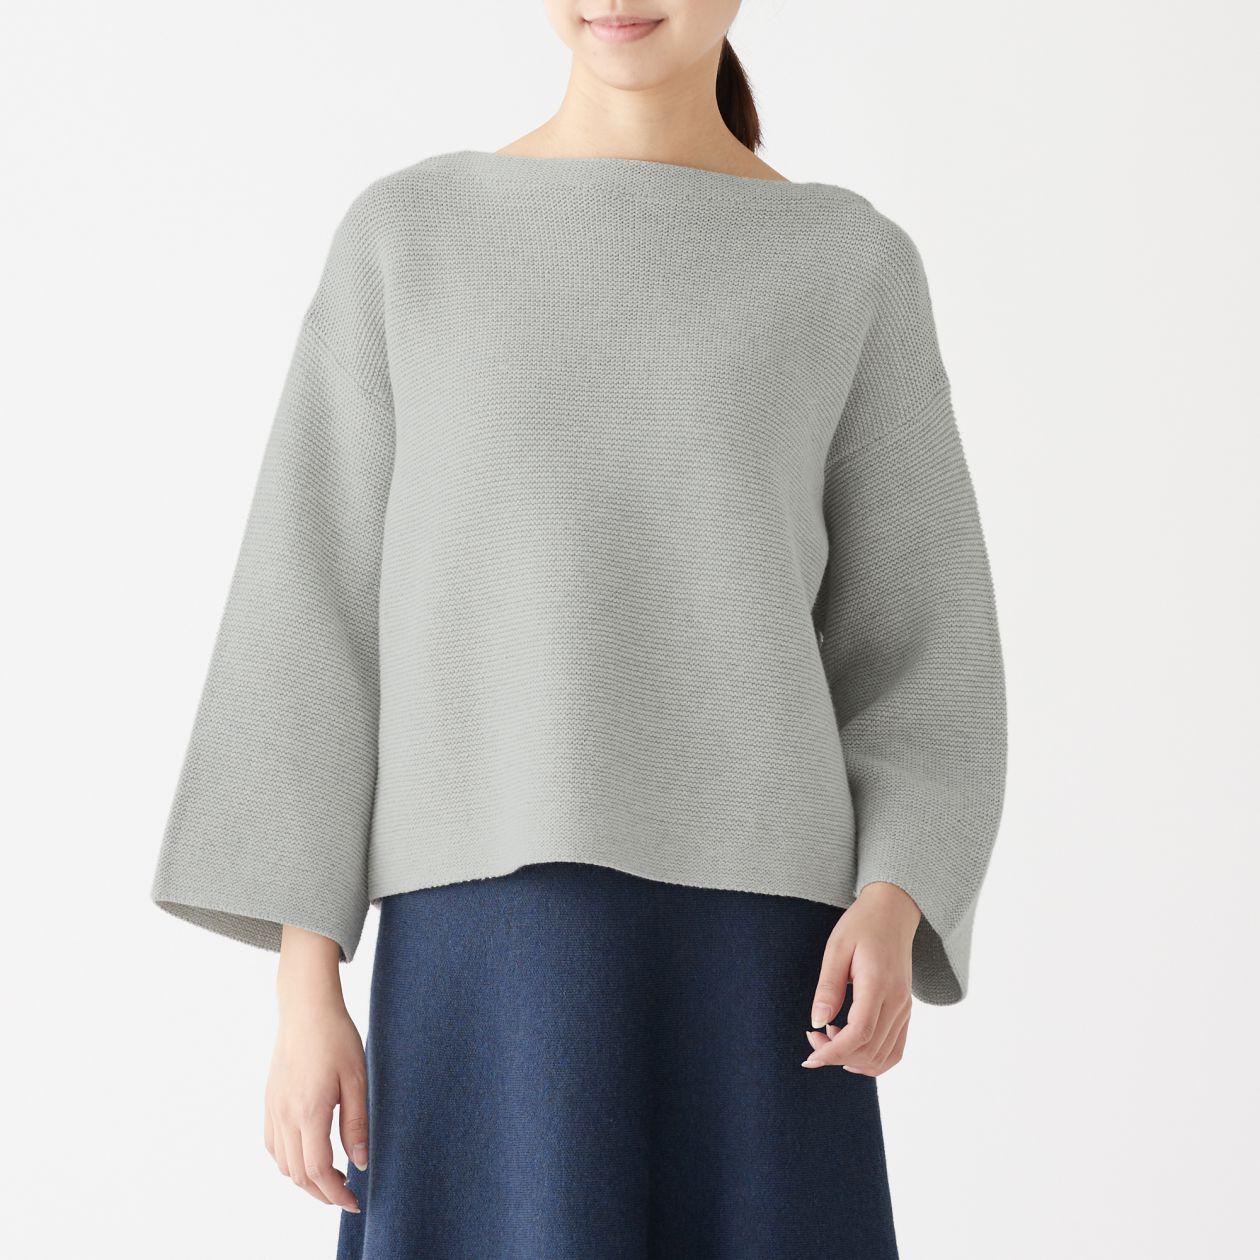 ガーター編みボートネックセーター